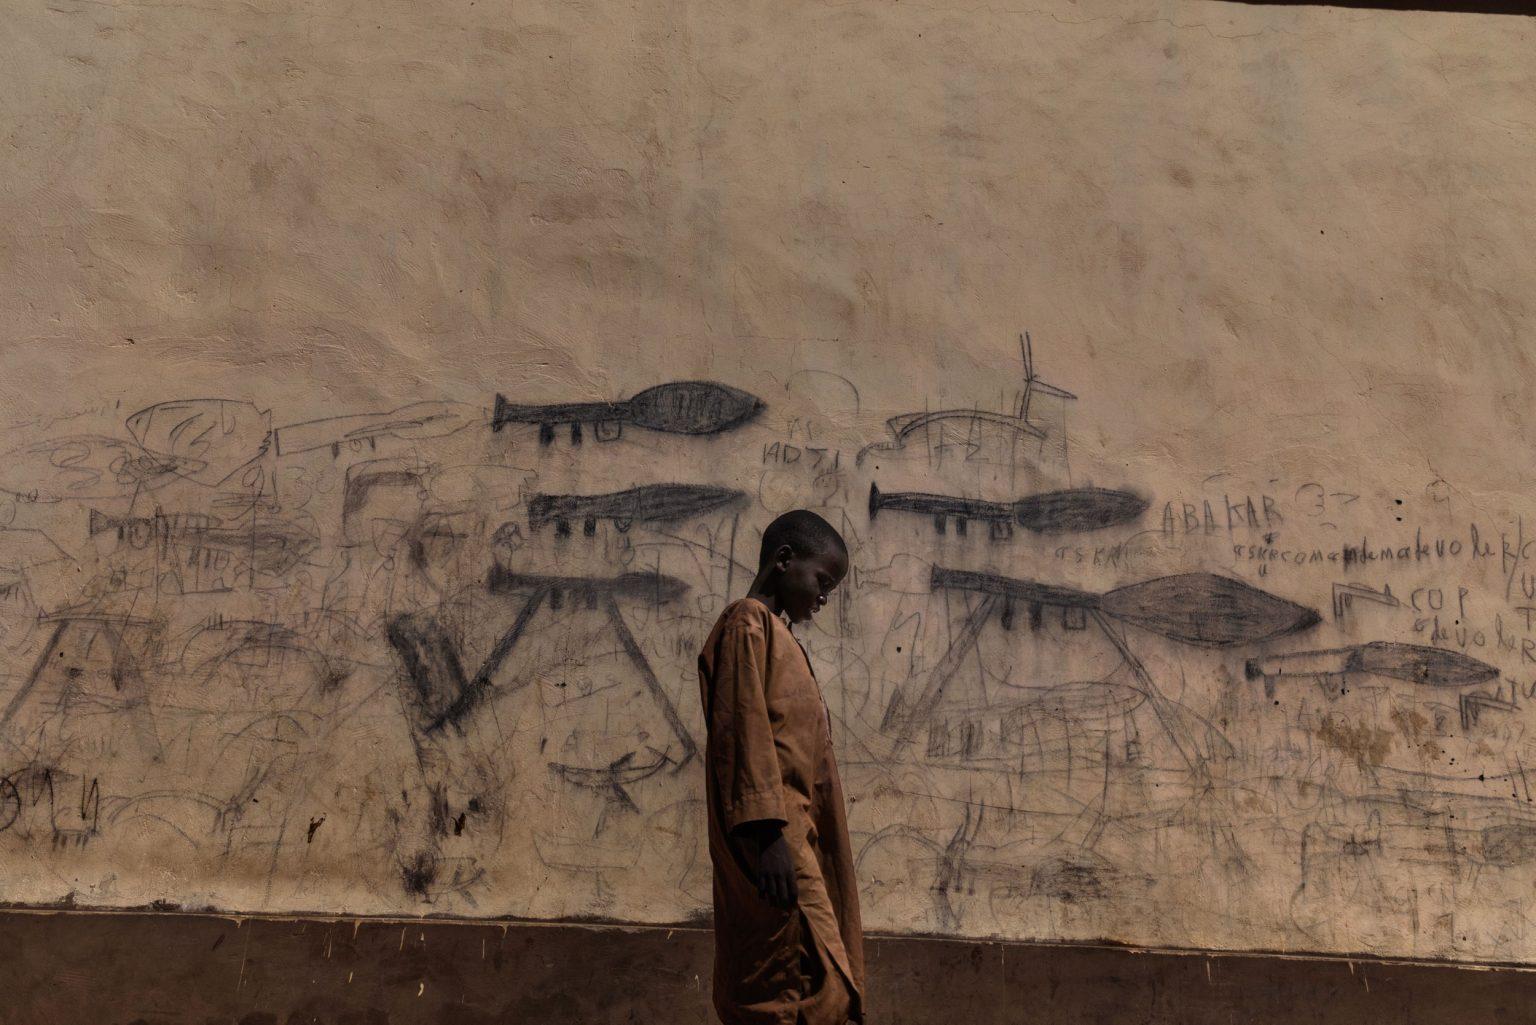 """Africa, Chad, Melea, October 2018 - Orphaned children, mainly Nigerian refugees, live together as a group in the Koran schools. During the day, they go begging and are known as Almajiri. These children, who live in the Lake Chad basin, are growing up in a constant situation of war. All they?ve ever known are weapons and deaths, which they draw on the walls of the city. Almajiri derives from an Arabic word """"Al-Muhajirun"""", meaning """"person who leaves his home in search of Islamic knowledge"""".>< Africa, Ciad, Melea, Ottobre 2018 - Bambini orfani, soprattutto rifugiati nigeriani, vivono insieme come gruppo nelle scuole di Corano. Durante il giorno chiedono l'elemosina e sono conosciuti come Almajiri. Questi bambini, che vivono nel bacino del Lago Ciad, stanno crescendo in una situazione di conflitto perenne e  conoscono solamente armi e morti, che disegnano sui muri della città. Almajiri deriva da una parola Araba  """"Al-Muhajirun"""", che significa """"persona che lascia la sua casa in cerca di conoscenza dell'Islam"""".*** SPECIAL   FEE   APPLIES *** *** Local Caption *** 01362916"""